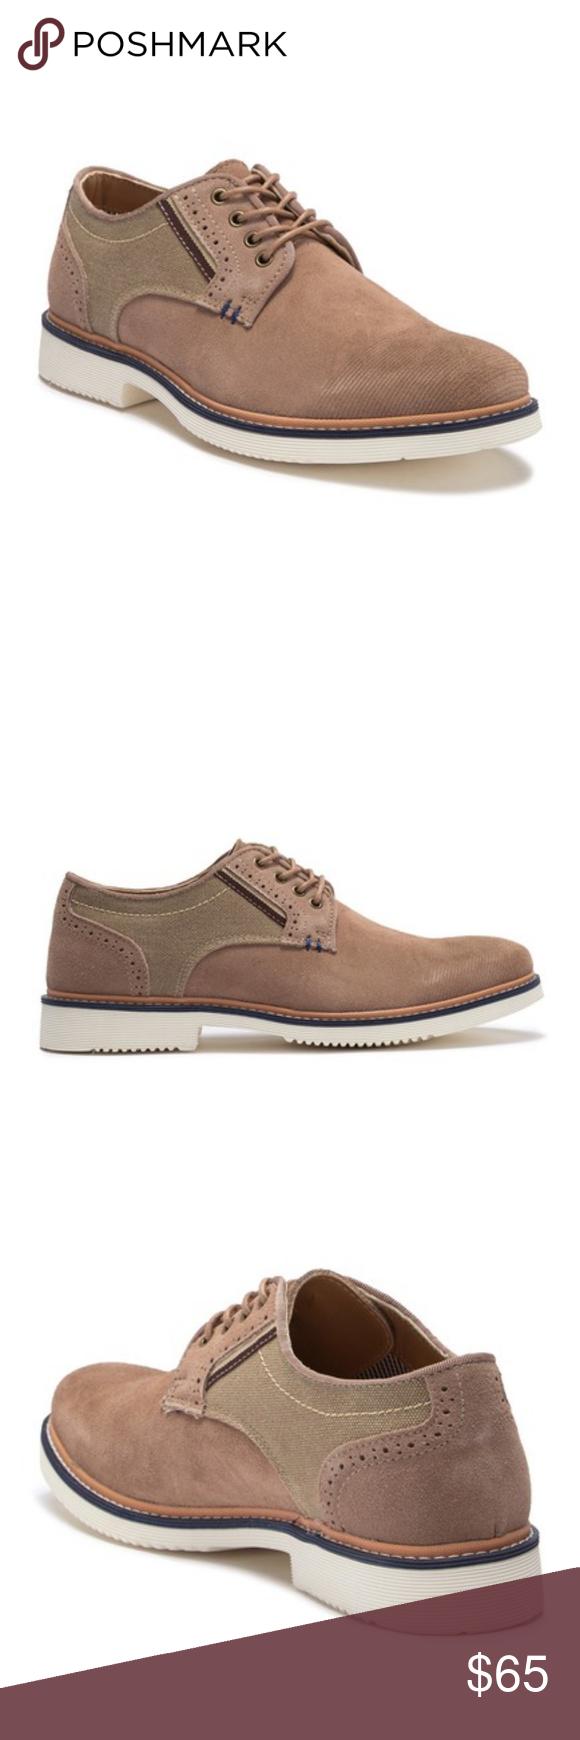 Men's Reserved Footwear Textured Derby